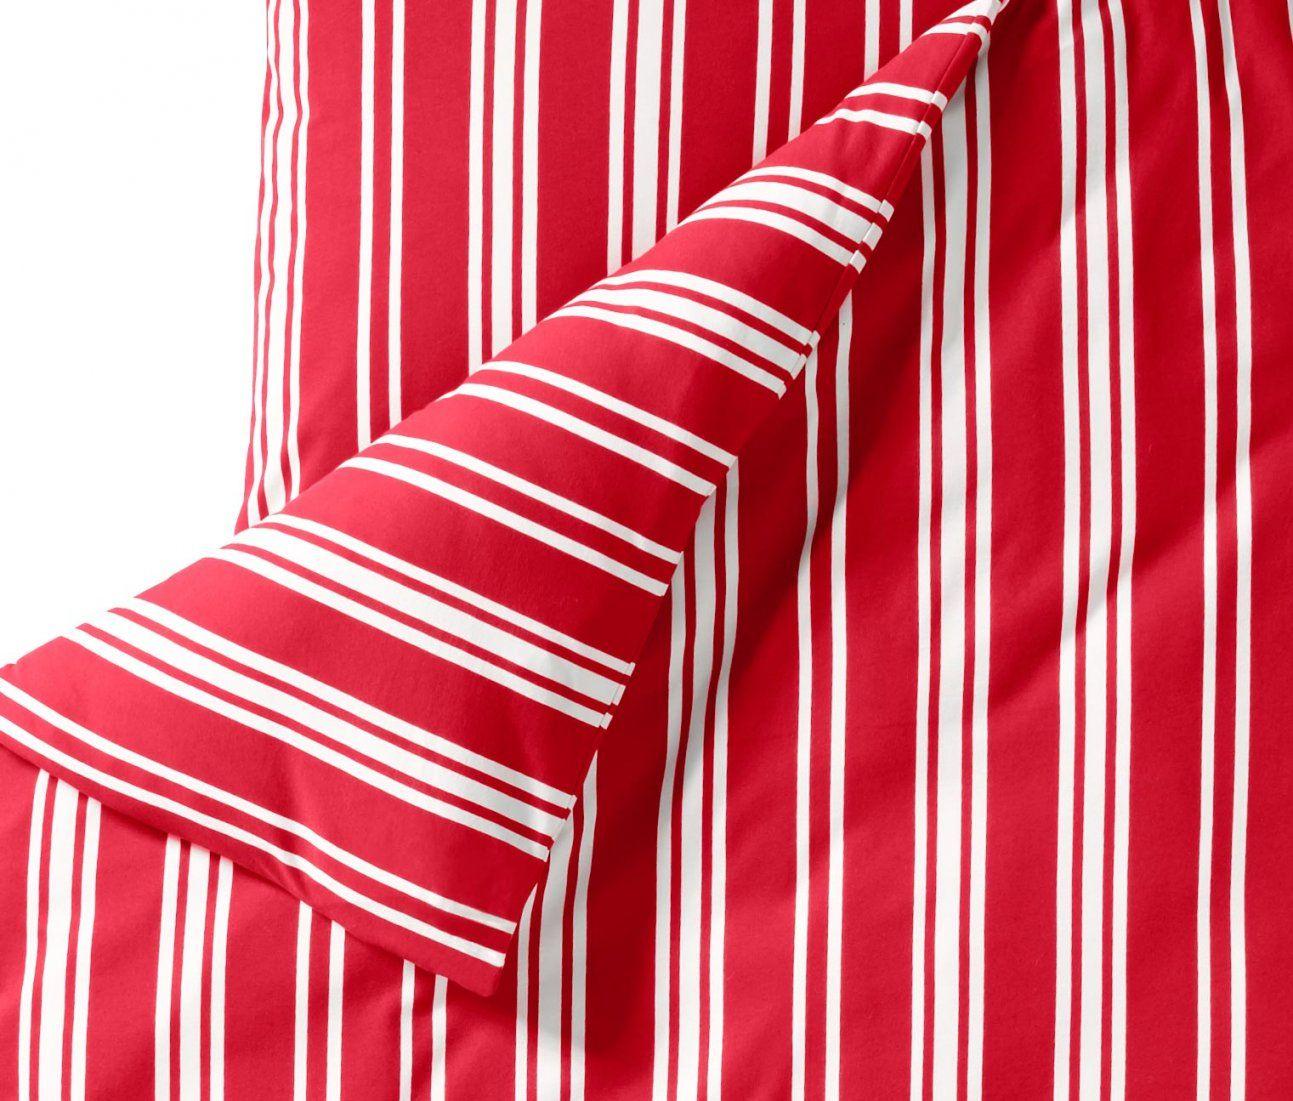 Jerseybettwäsche Rotweiß Gestreift Online Bestellen Bei Tchibo 309832 von Jersey Bettwäsche Tchibo Photo